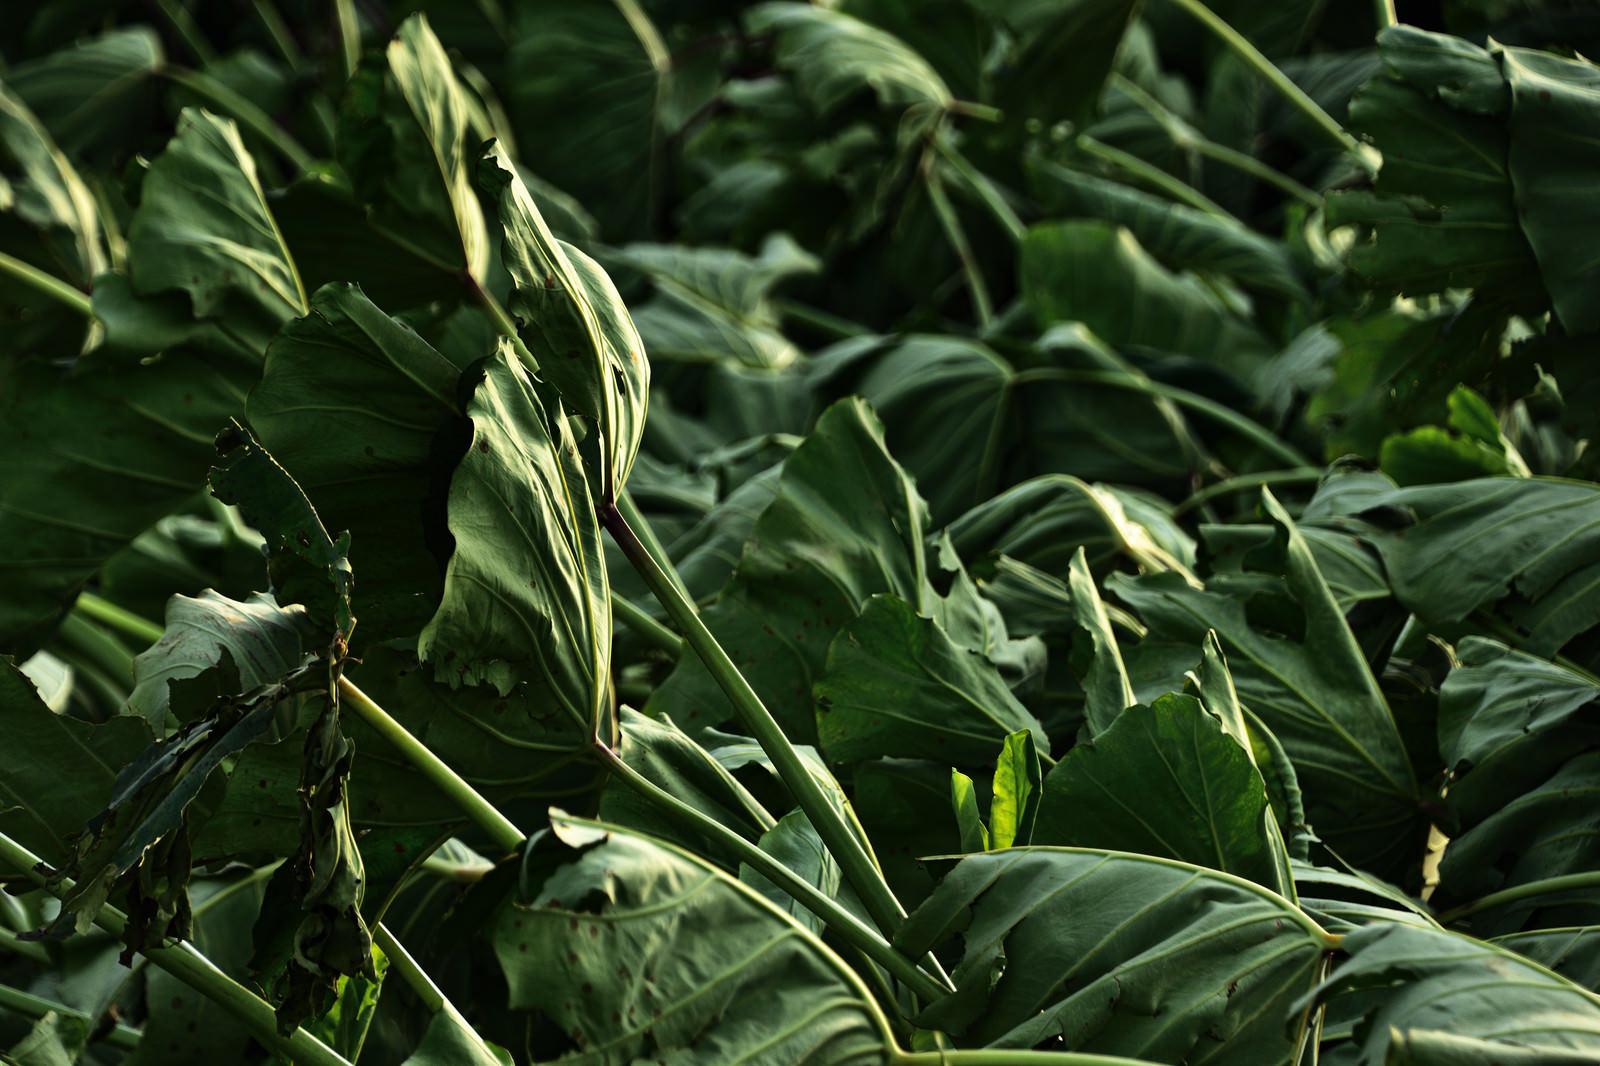 「台風でなぎ倒された里芋の葉」の写真